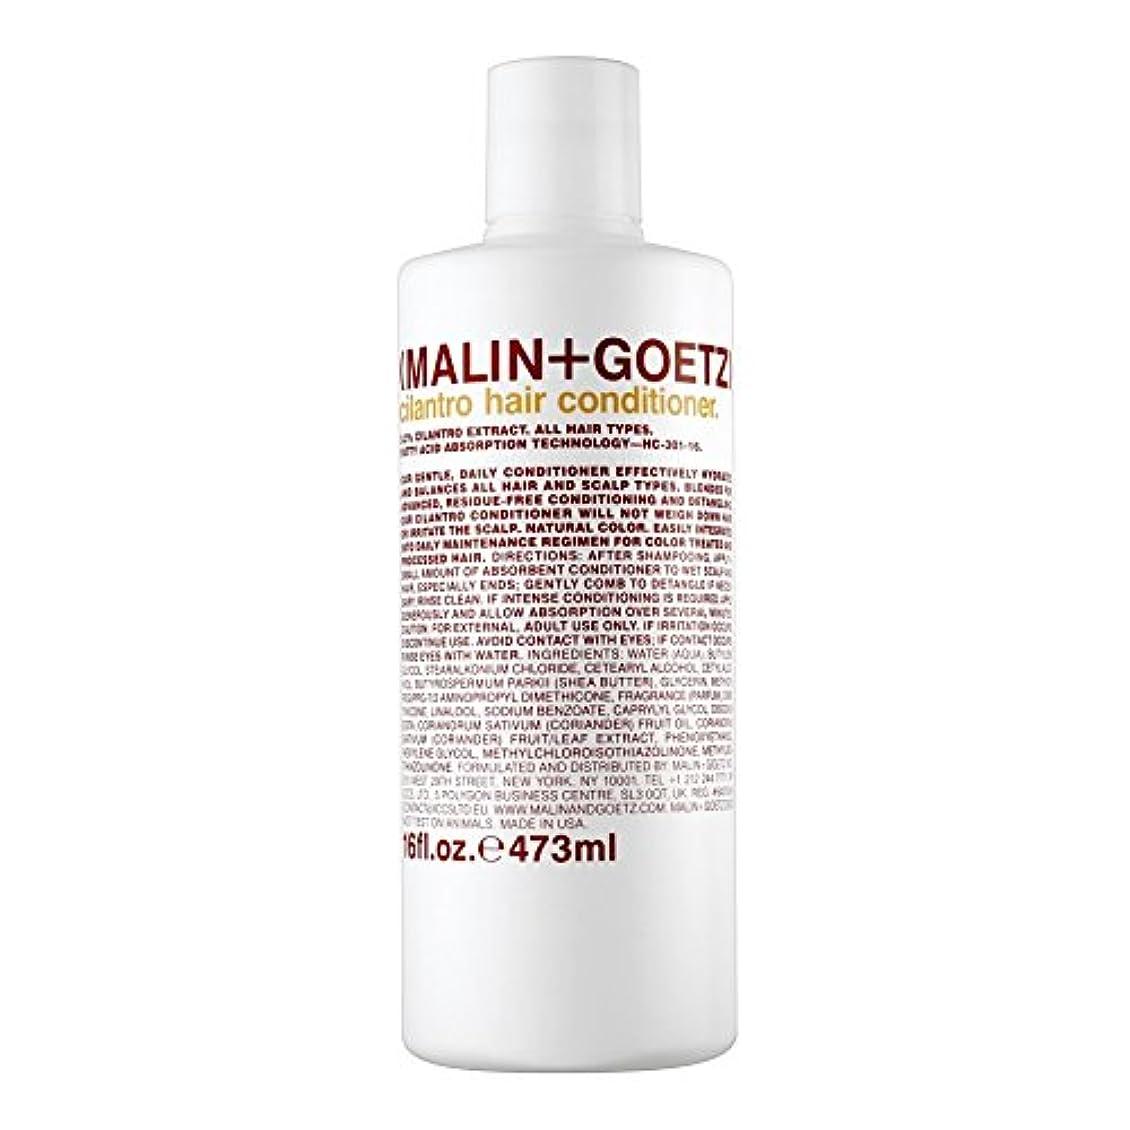 アスペクトつぼみ海岸MALIN+GOETZ Cilantro Hair Conditioner 473ml (Pack of 6) - マリン+ゲッツコリアンダーのヘアコンディショナー473ミリリットル x6 [並行輸入品]